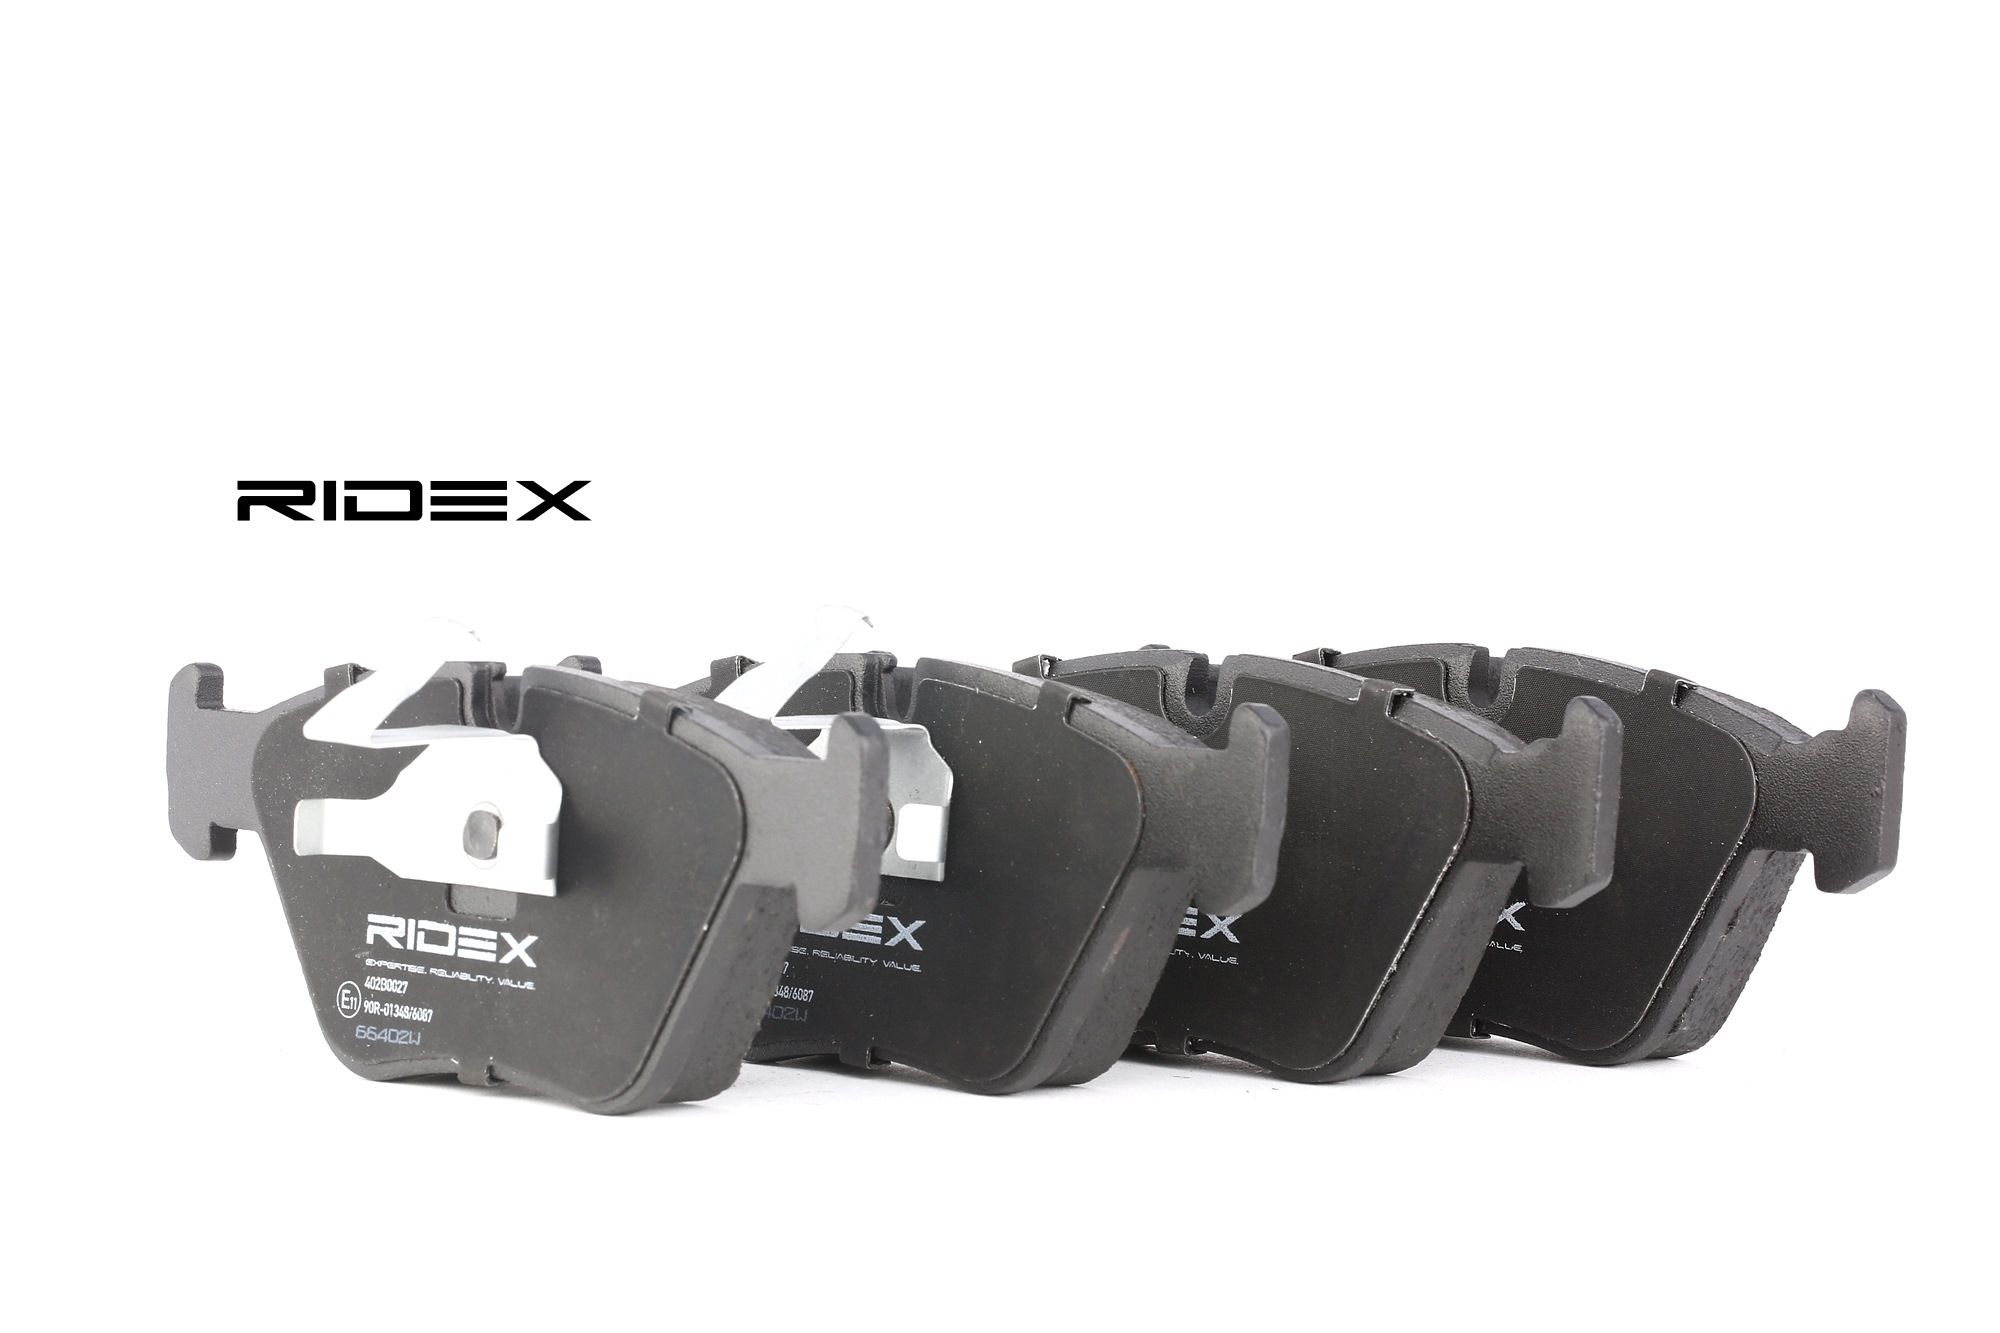 Bremsbelagsatz RIDEX 402B0027 Bewertung